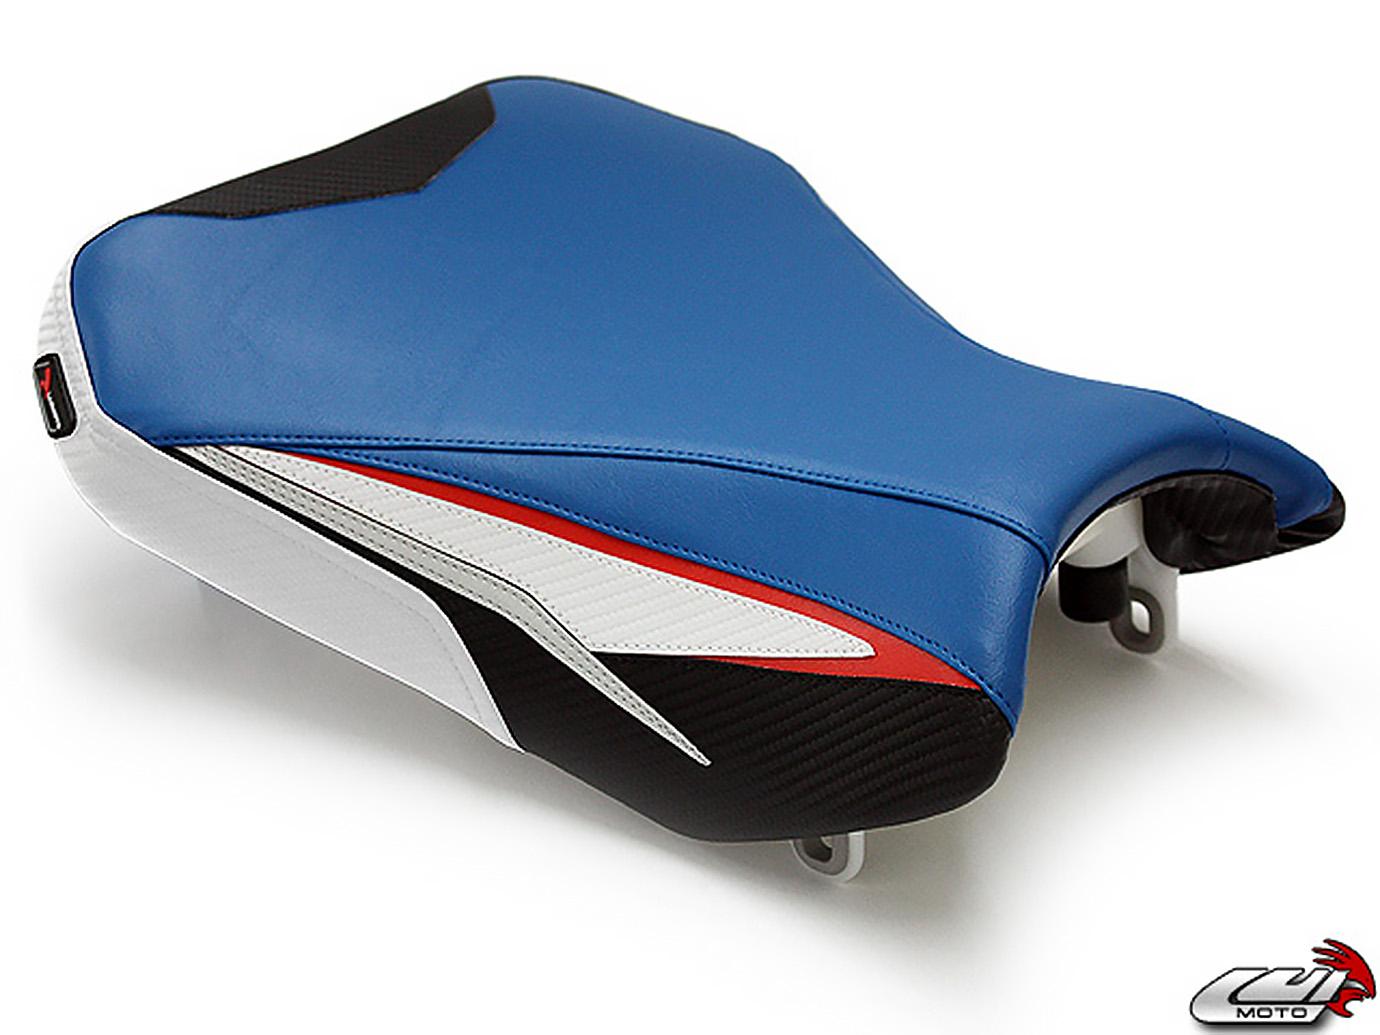 SUZUKI GSX-R 600 750 11-20 LUIMOTO 製ライダーシートカバー (Sport 4132101)